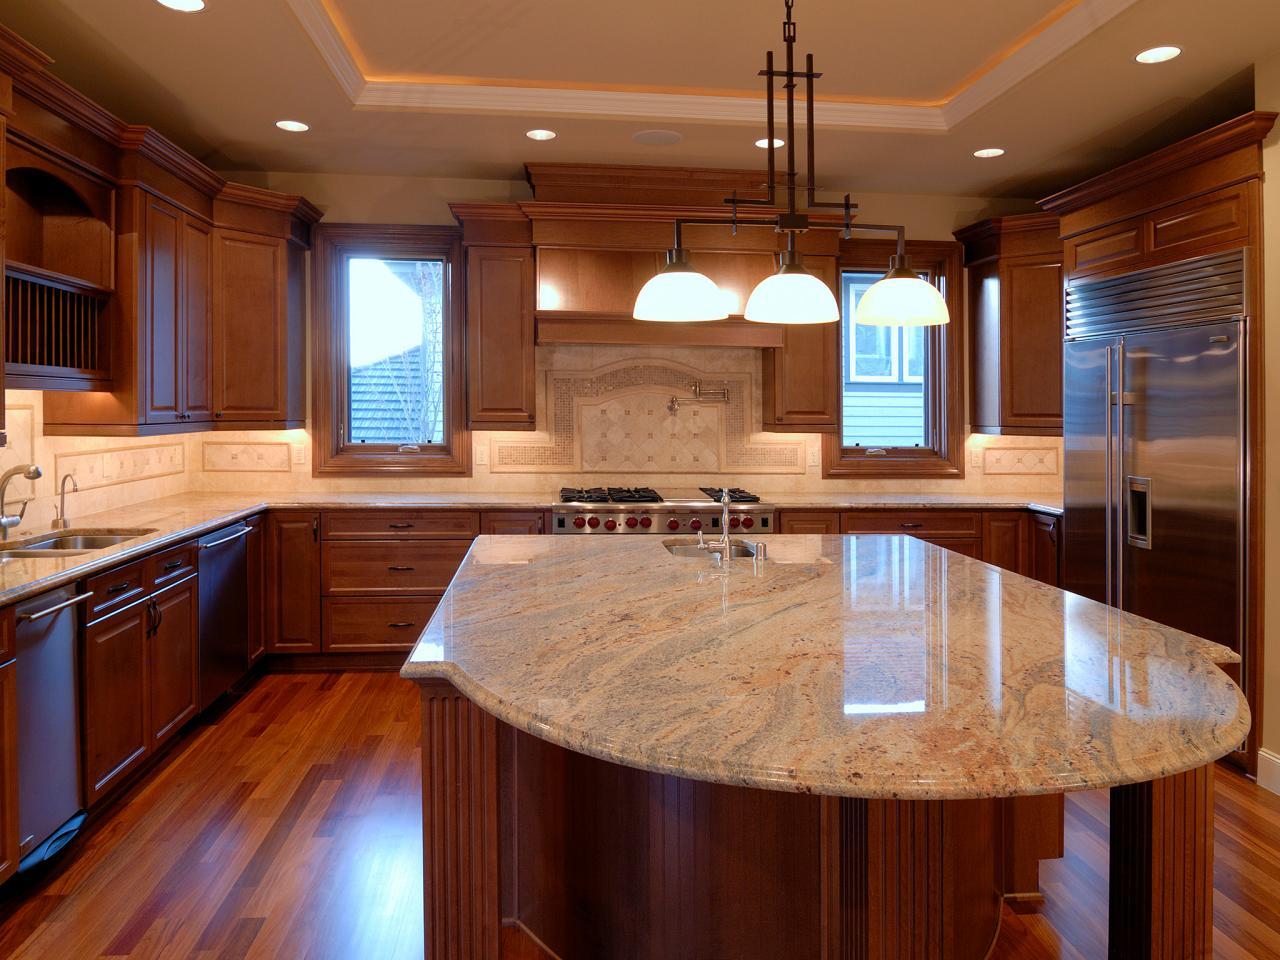 Design Ideas For Your Kitchen   Universal Kitchen